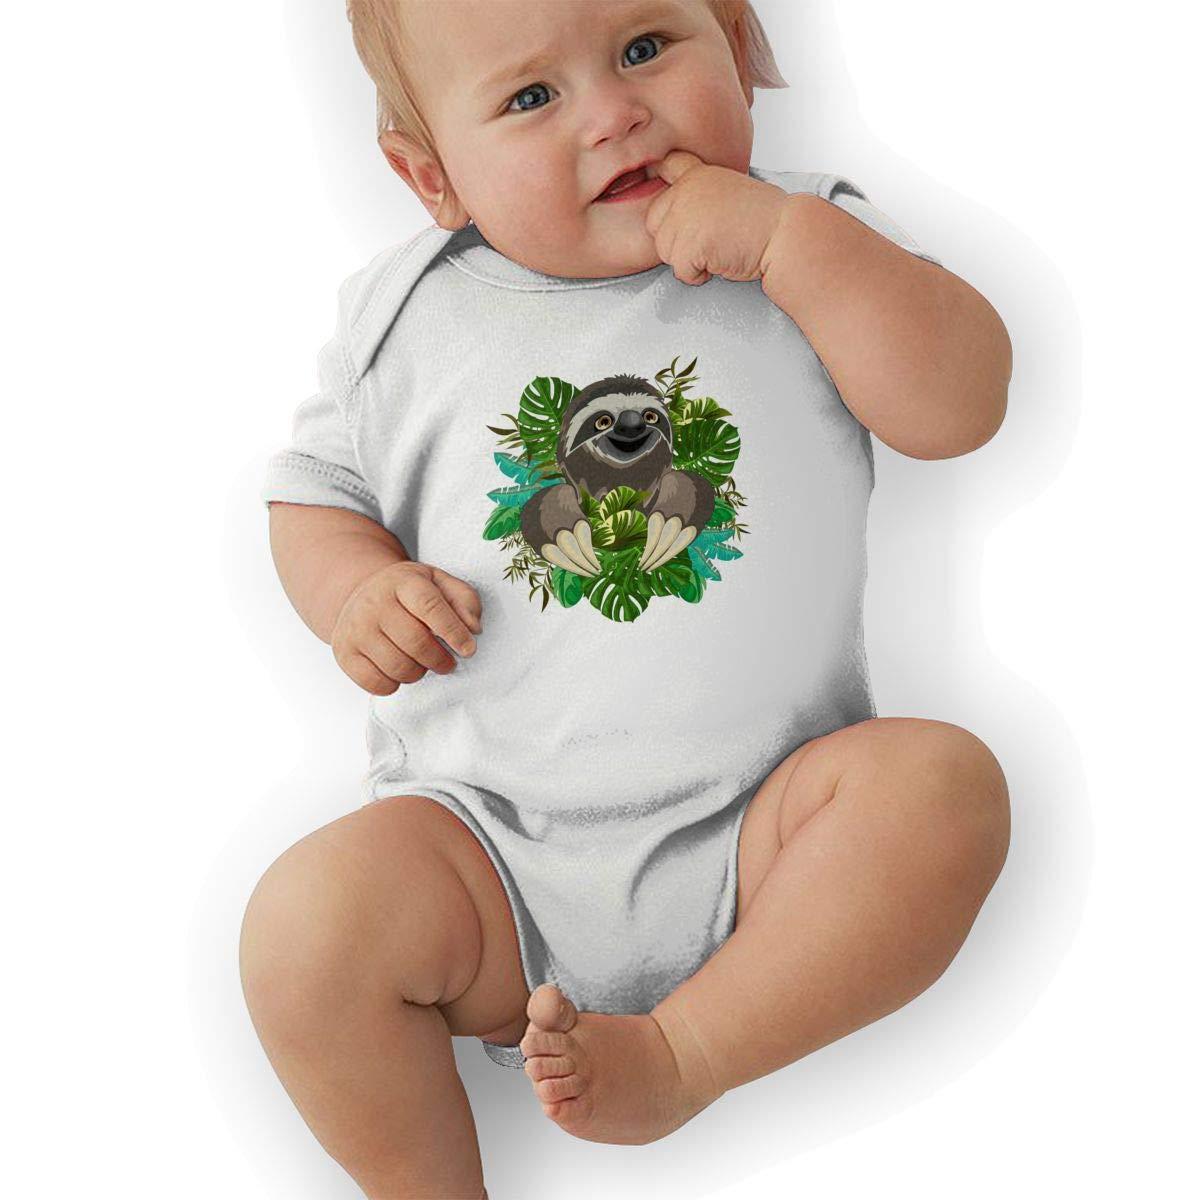 Newborn Baby Girls Bodysuit Short-Sleeve Onesie Sloth Love Tropical Leaves Print Rompers Winter Pajamas